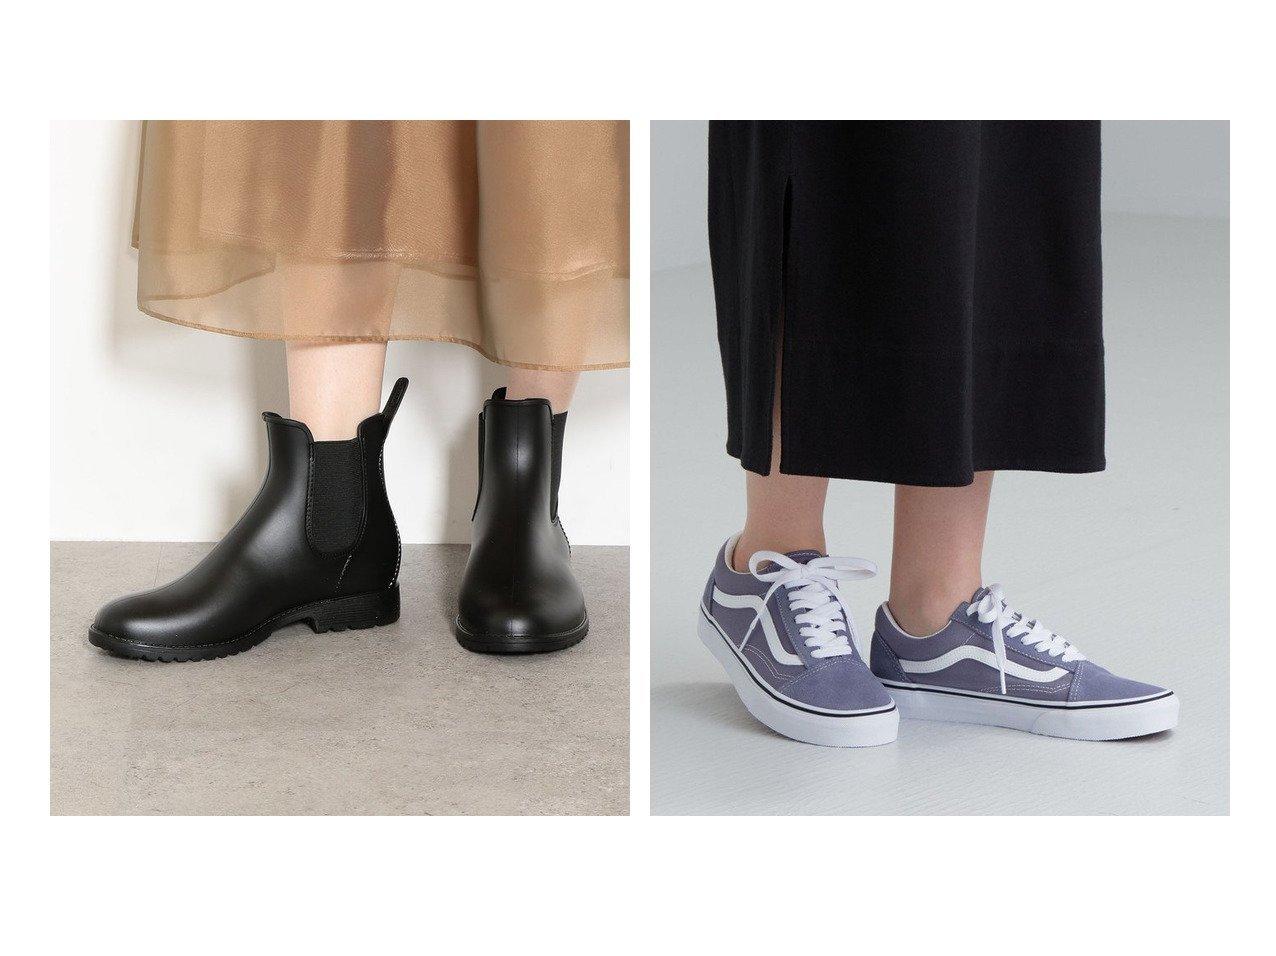 【green label relaxing / UNITED ARROWS/グリーンレーベル リラクシング / ユナイテッドアローズ】のSC サイドゴアレインブーツ&バンズ VANS SC OLD SKOOL キャンバス スニーカー シューズ・靴のおすすめ!人気トレンド・レディースファッションの通販 おすすめで人気のファッション通販商品 インテリア・家具・キッズファッション・メンズファッション・レディースファッション・服の通販 founy(ファニー) https://founy.com/ ファッション Fashion レディースファッション WOMEN シューズ ショート シンプル カリフォルニア キャンバス クラシック スエード ストライプ スニーカー デニム 定番 人気 ボーダー |ID:crp329100000007771